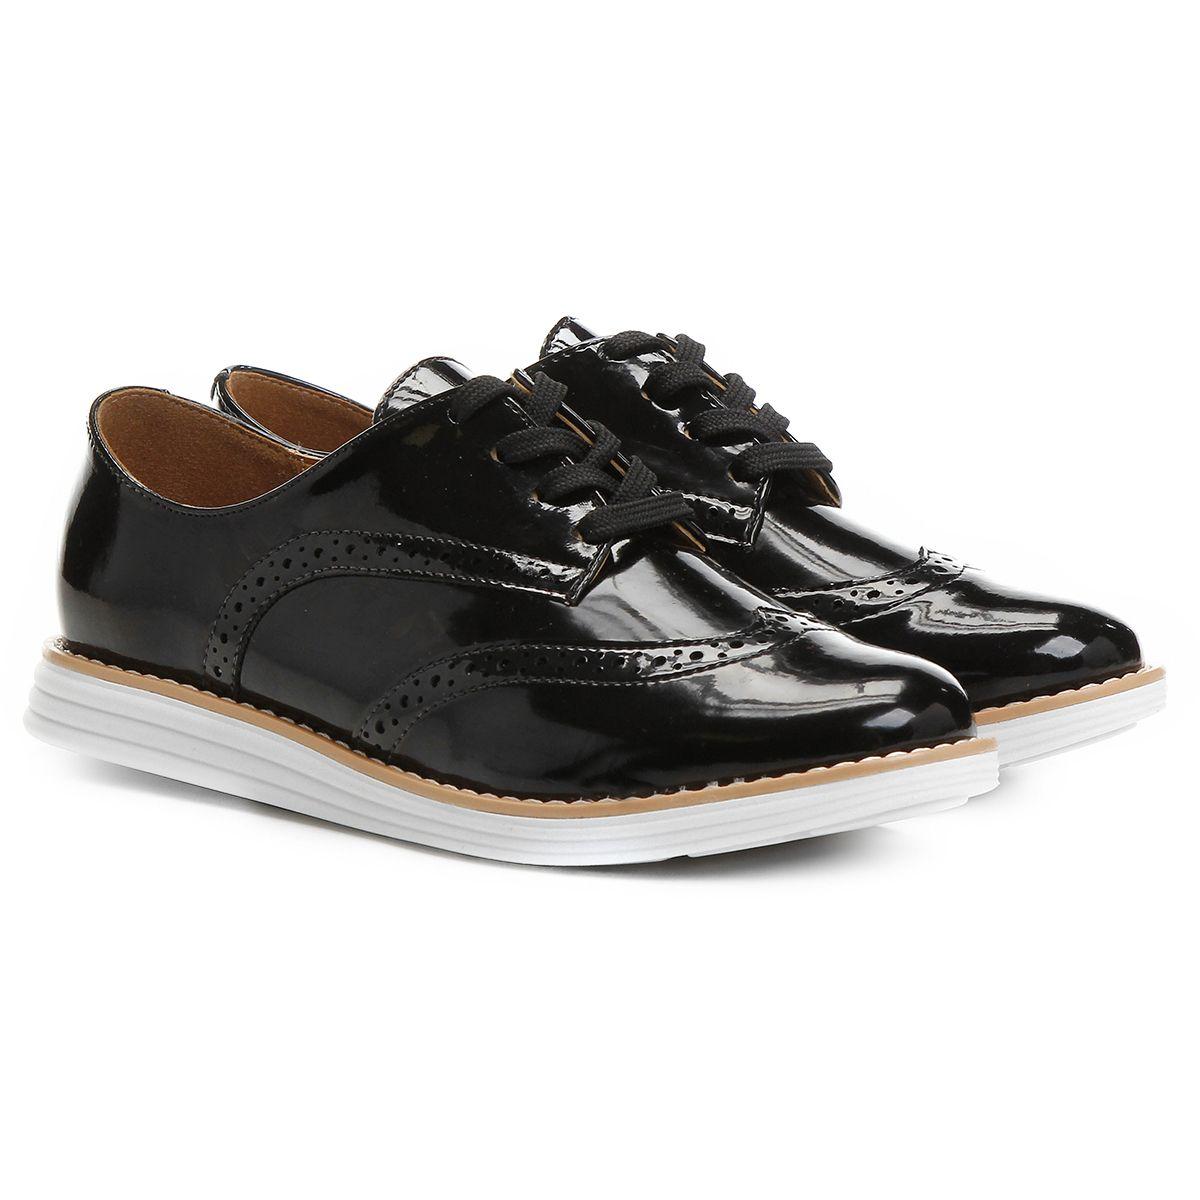 4e1c3b49af Compre Oxford Vizzano Broguês Preto na Zattini a nova loja de moda online  da Netshoes. Encontre Sapatos